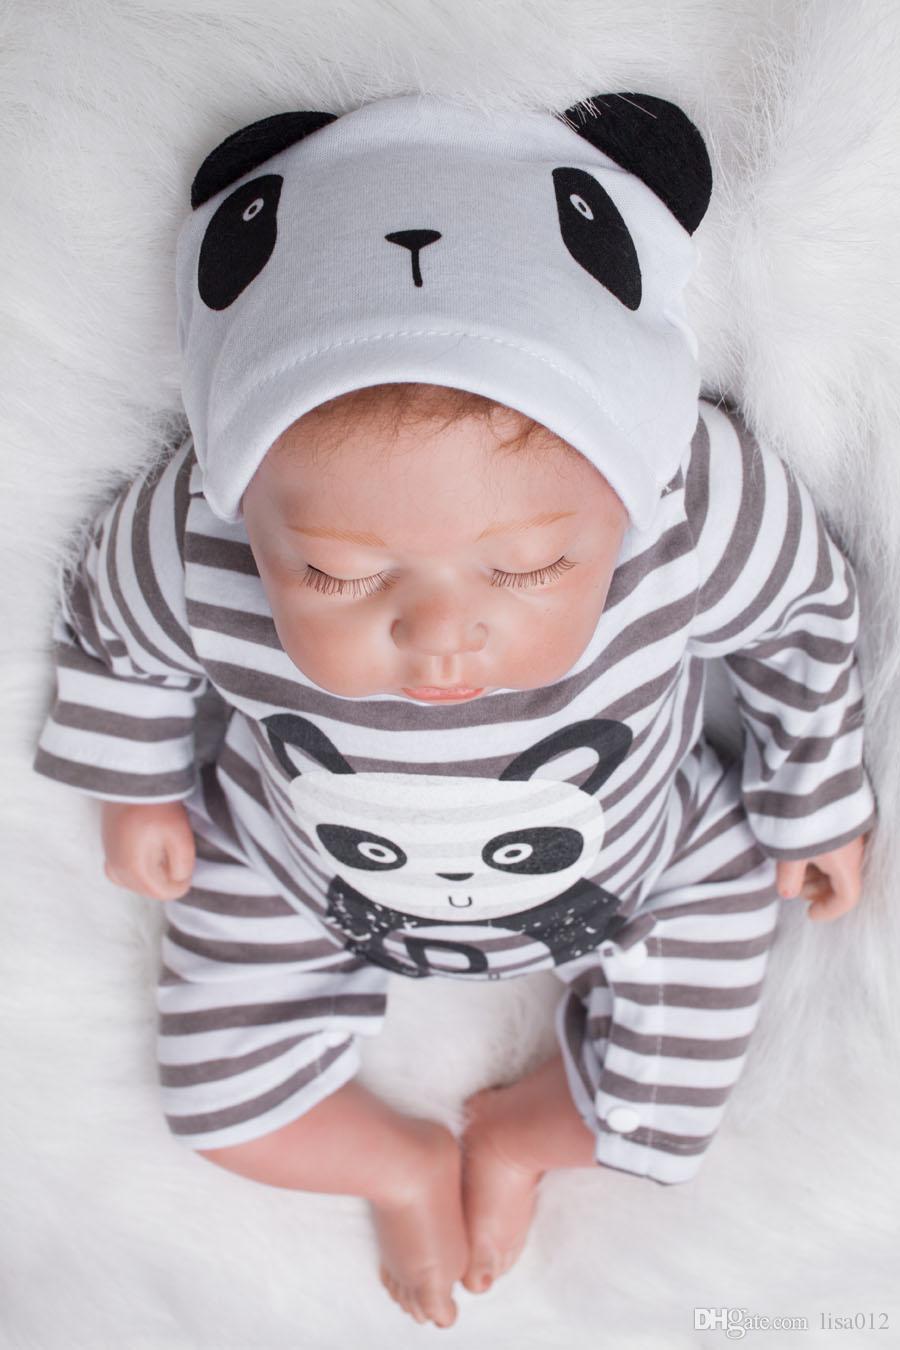 Newest Fashion Realistic Reborn Babies 50cm Newborn Doll Reborn Baby Dolls for Sale Silicone handmade Lifelike Toys